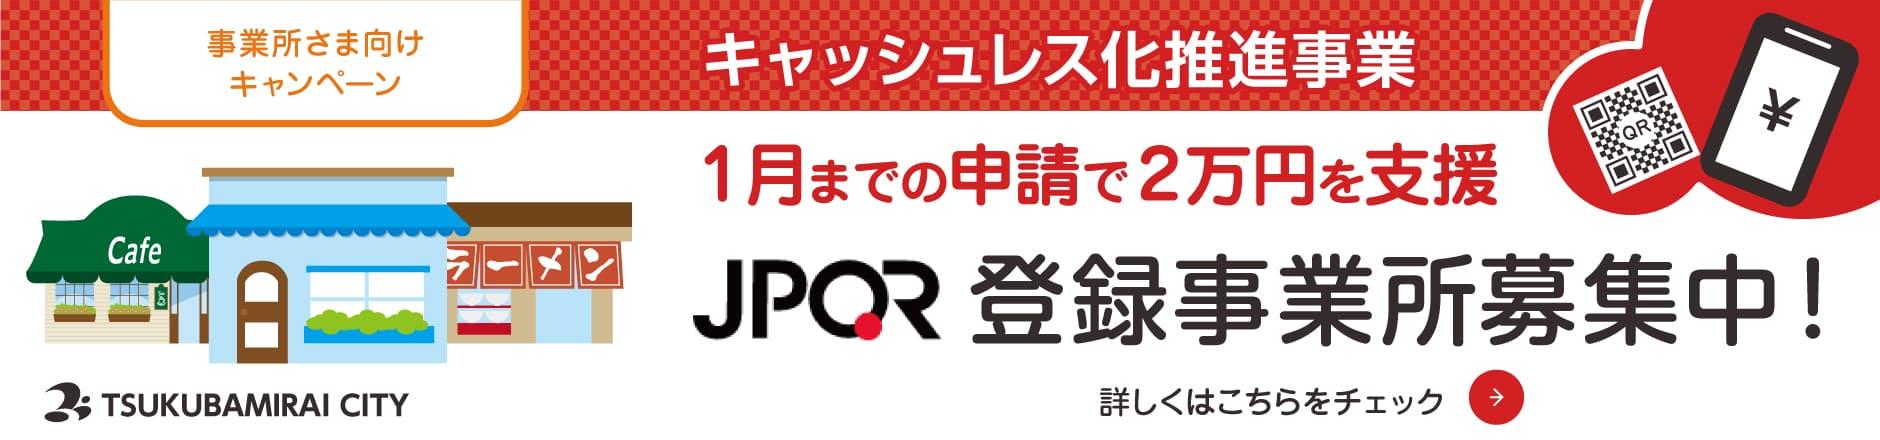 令和3年度キャッシュレス化推進事業 JPQR